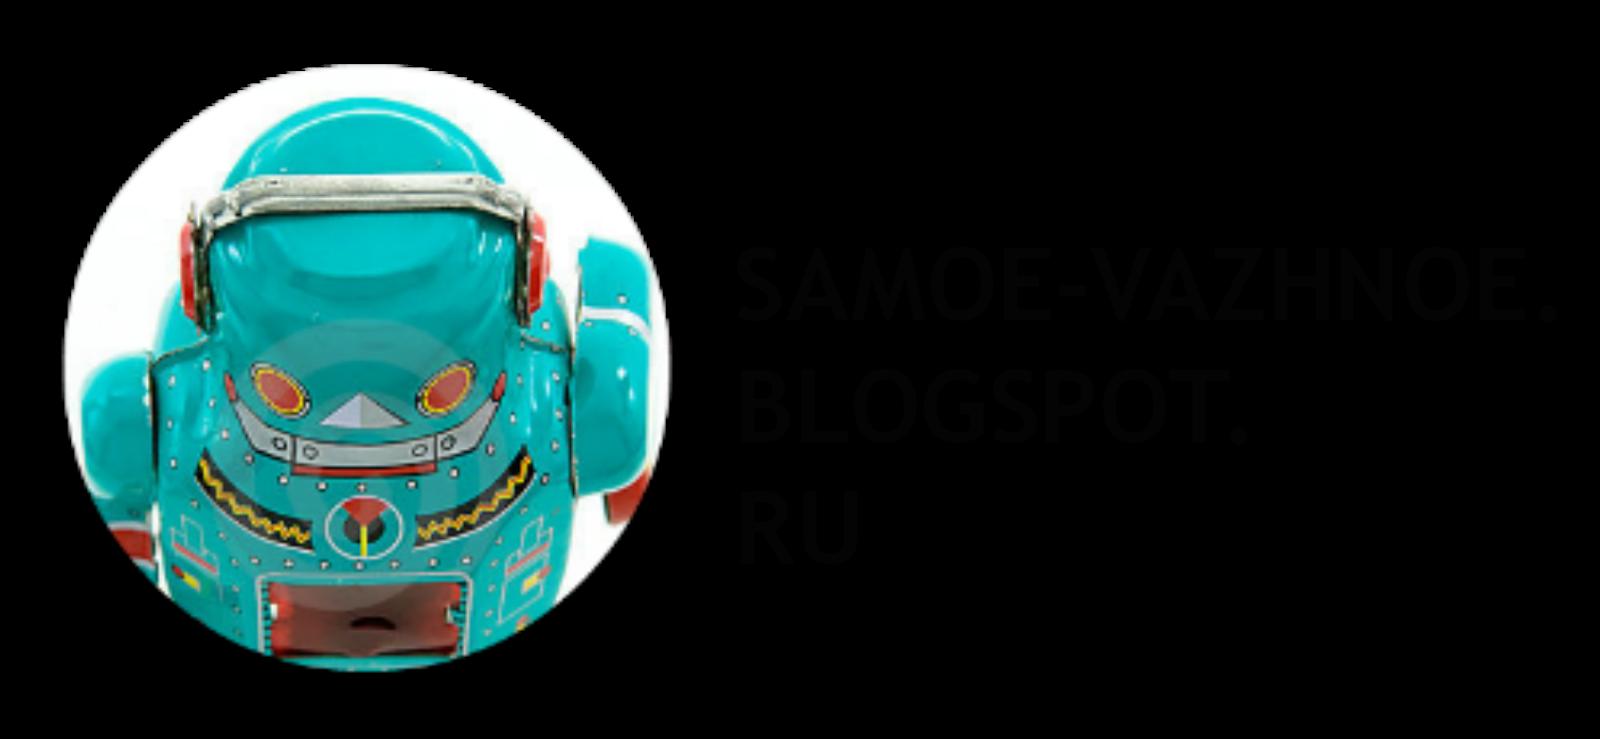 Самое важное samoe-vazhnoe самое важное из вашего детства Блог Робота Самое важное из вашего детства Мозг робота Блог Робота Самое важное blogspot Блог Самое Важное Самое важное Робот Самое важное блогспот Samoe vazhnoe blogspot Самое важное блогпост